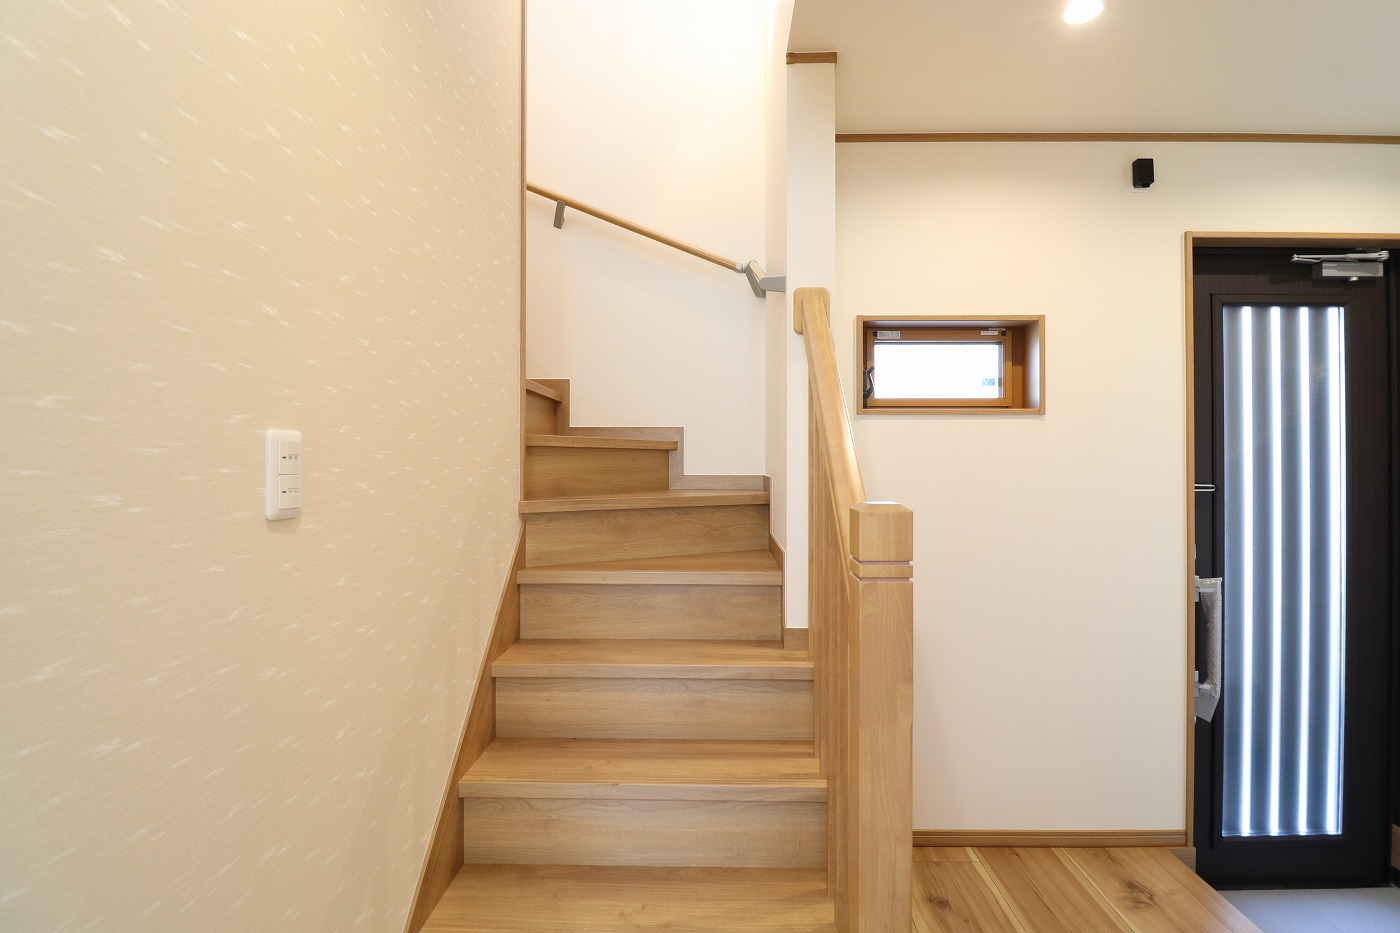 高松市木太町の新築分譲住宅の玄関ホール